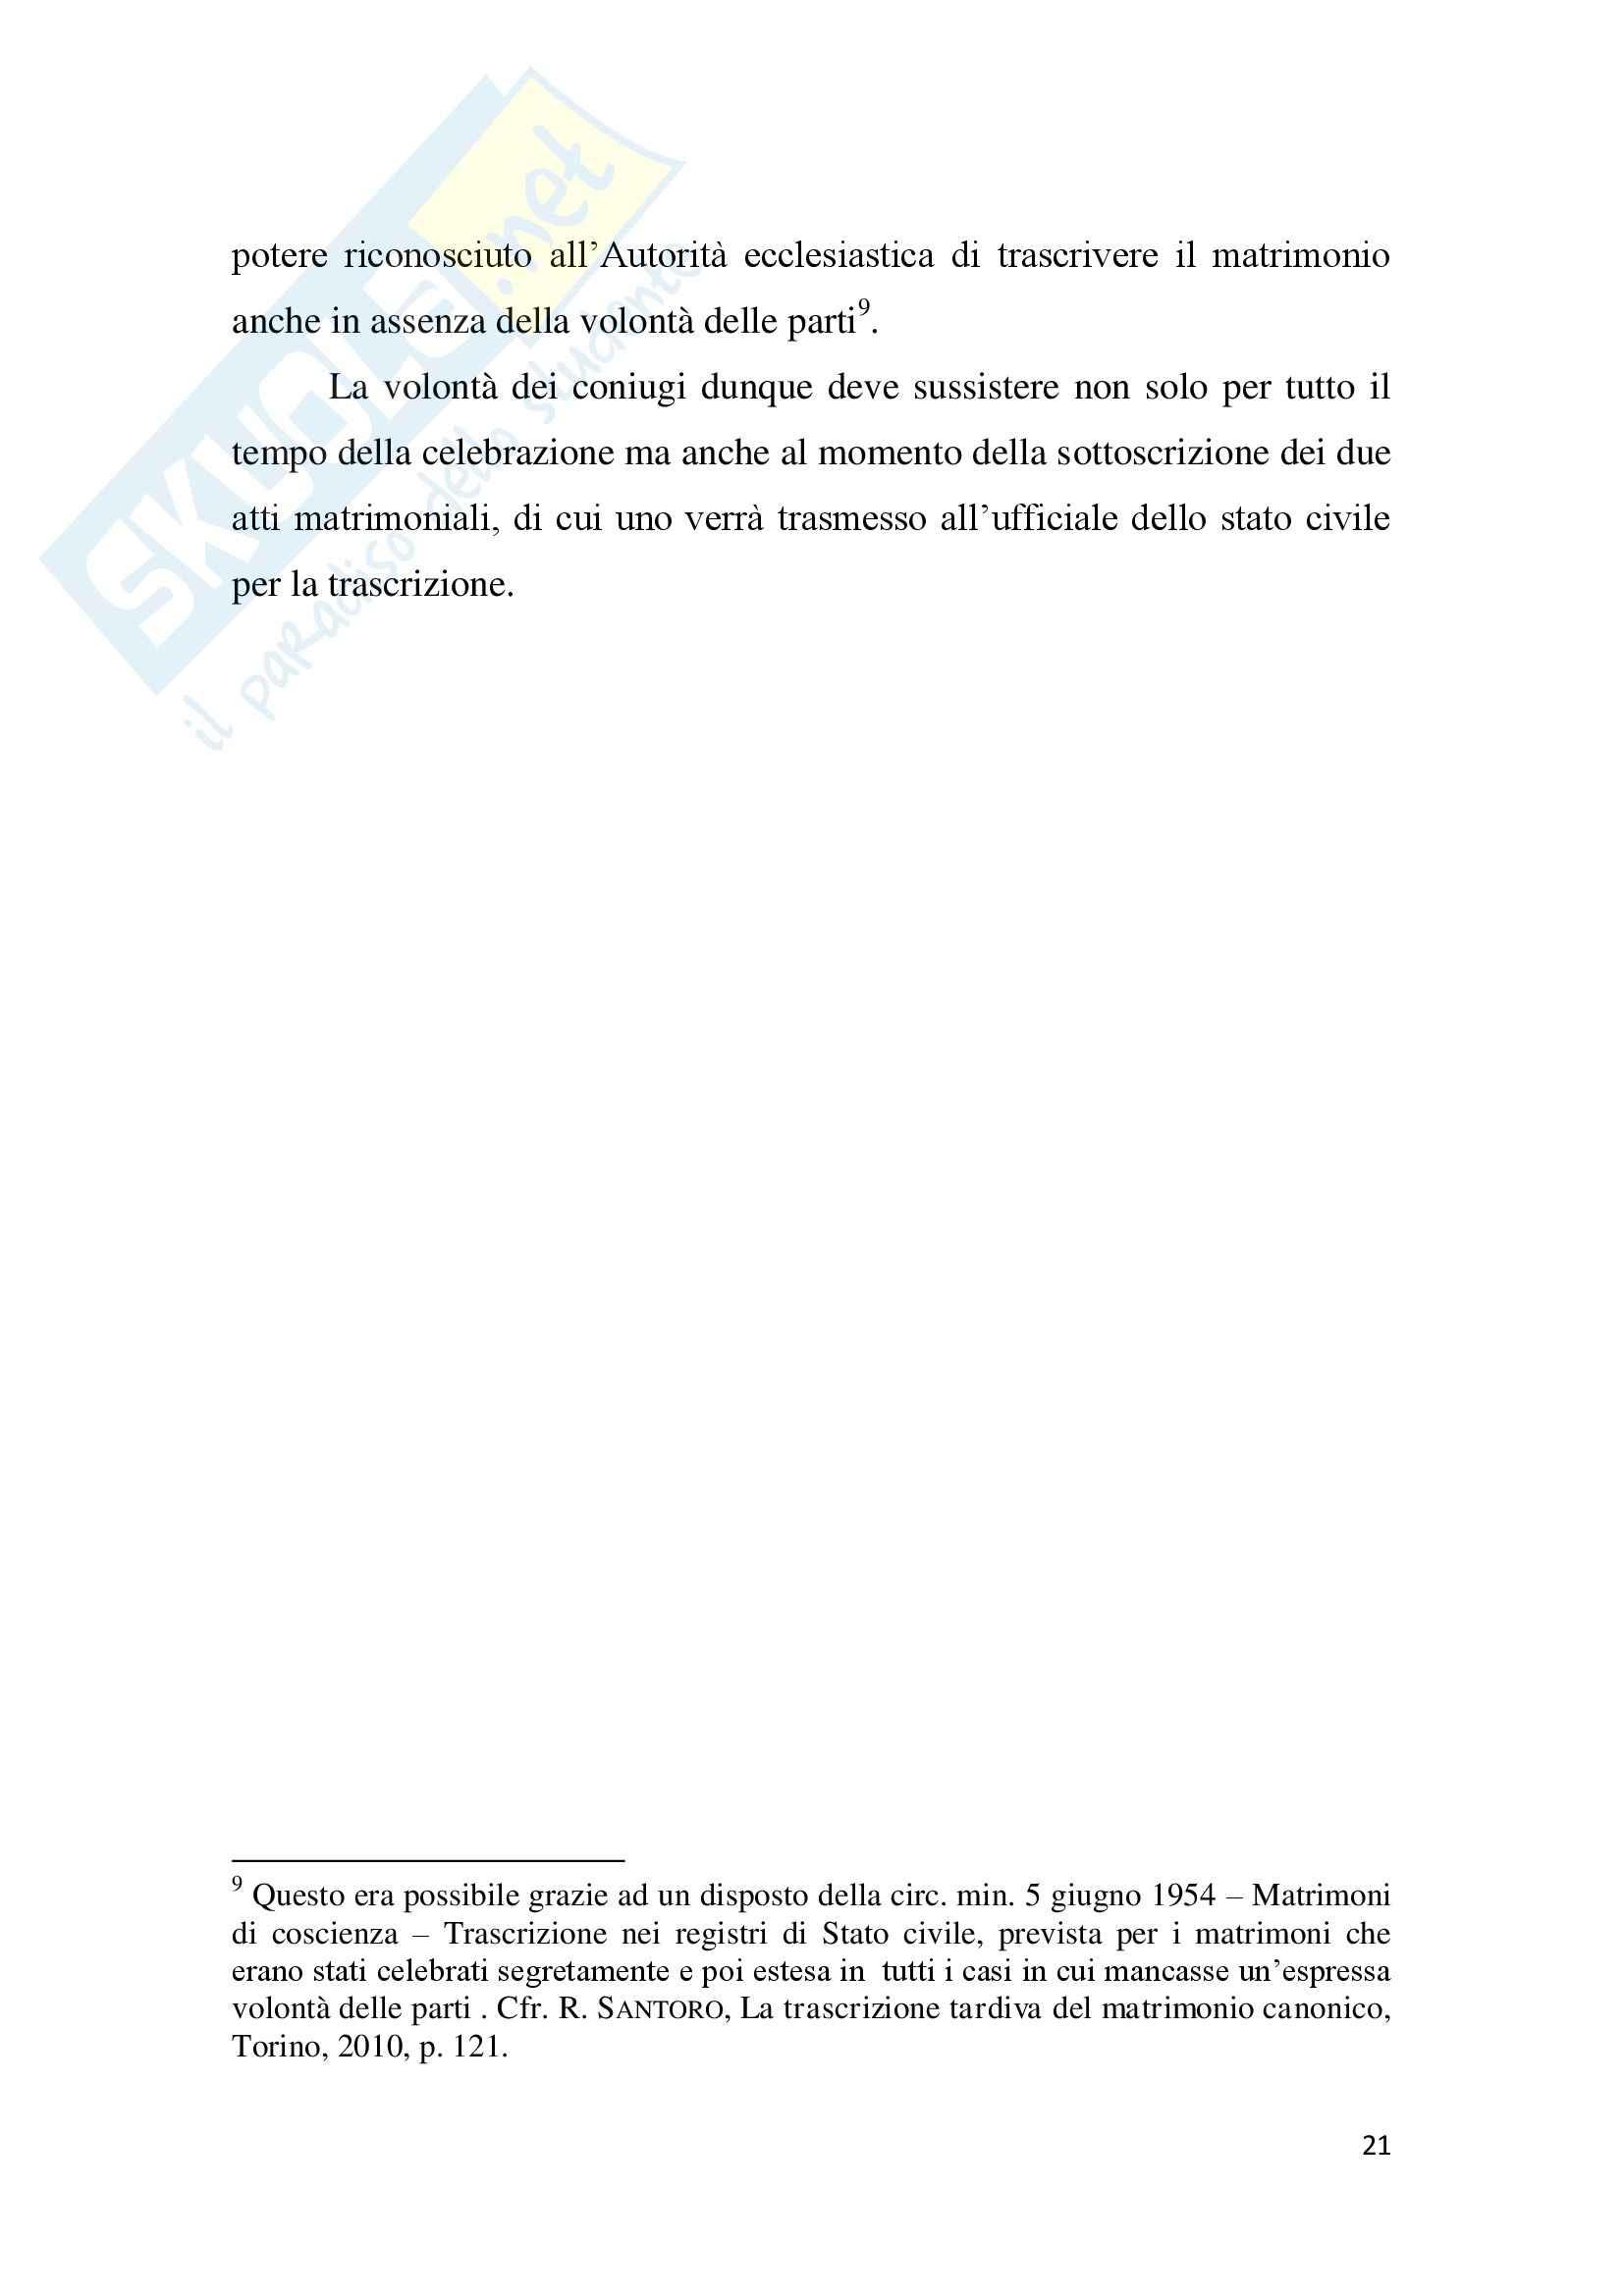 Tesi Diritto ecclesiastico - La trascrizione del matrimonio canonico Pag. 21